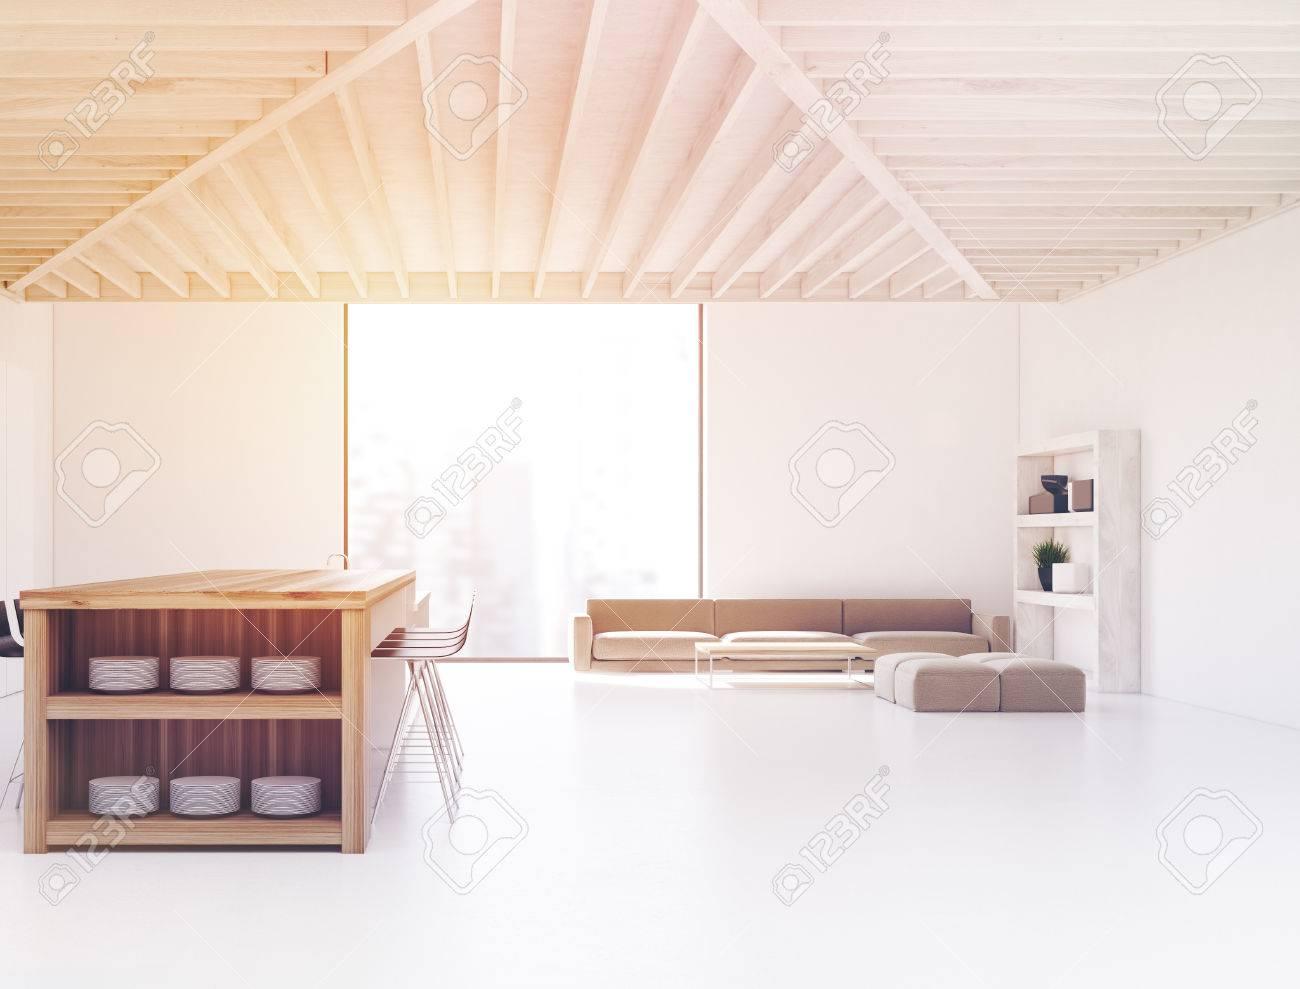 Studio Kuche Und Wohnzimmer Interieur Mit Einer Bar Eine Reihe Von